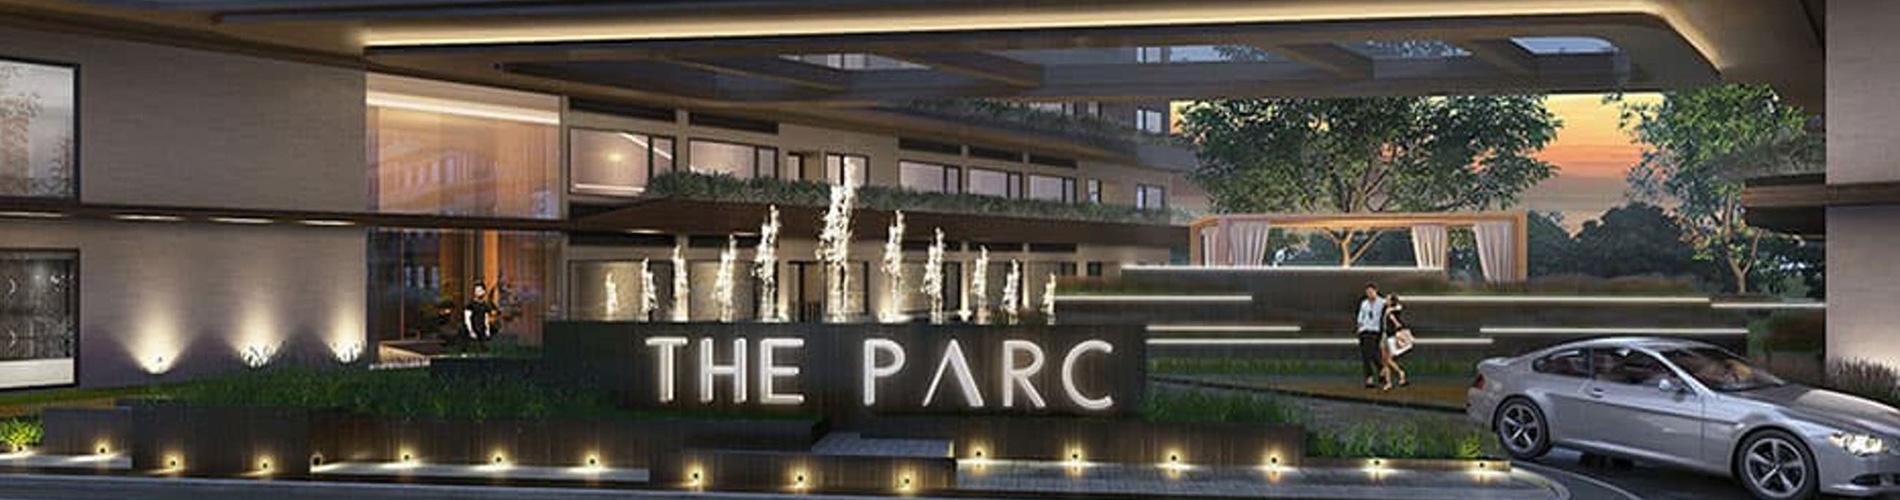 Residence The Parc di Tangerang Selatan